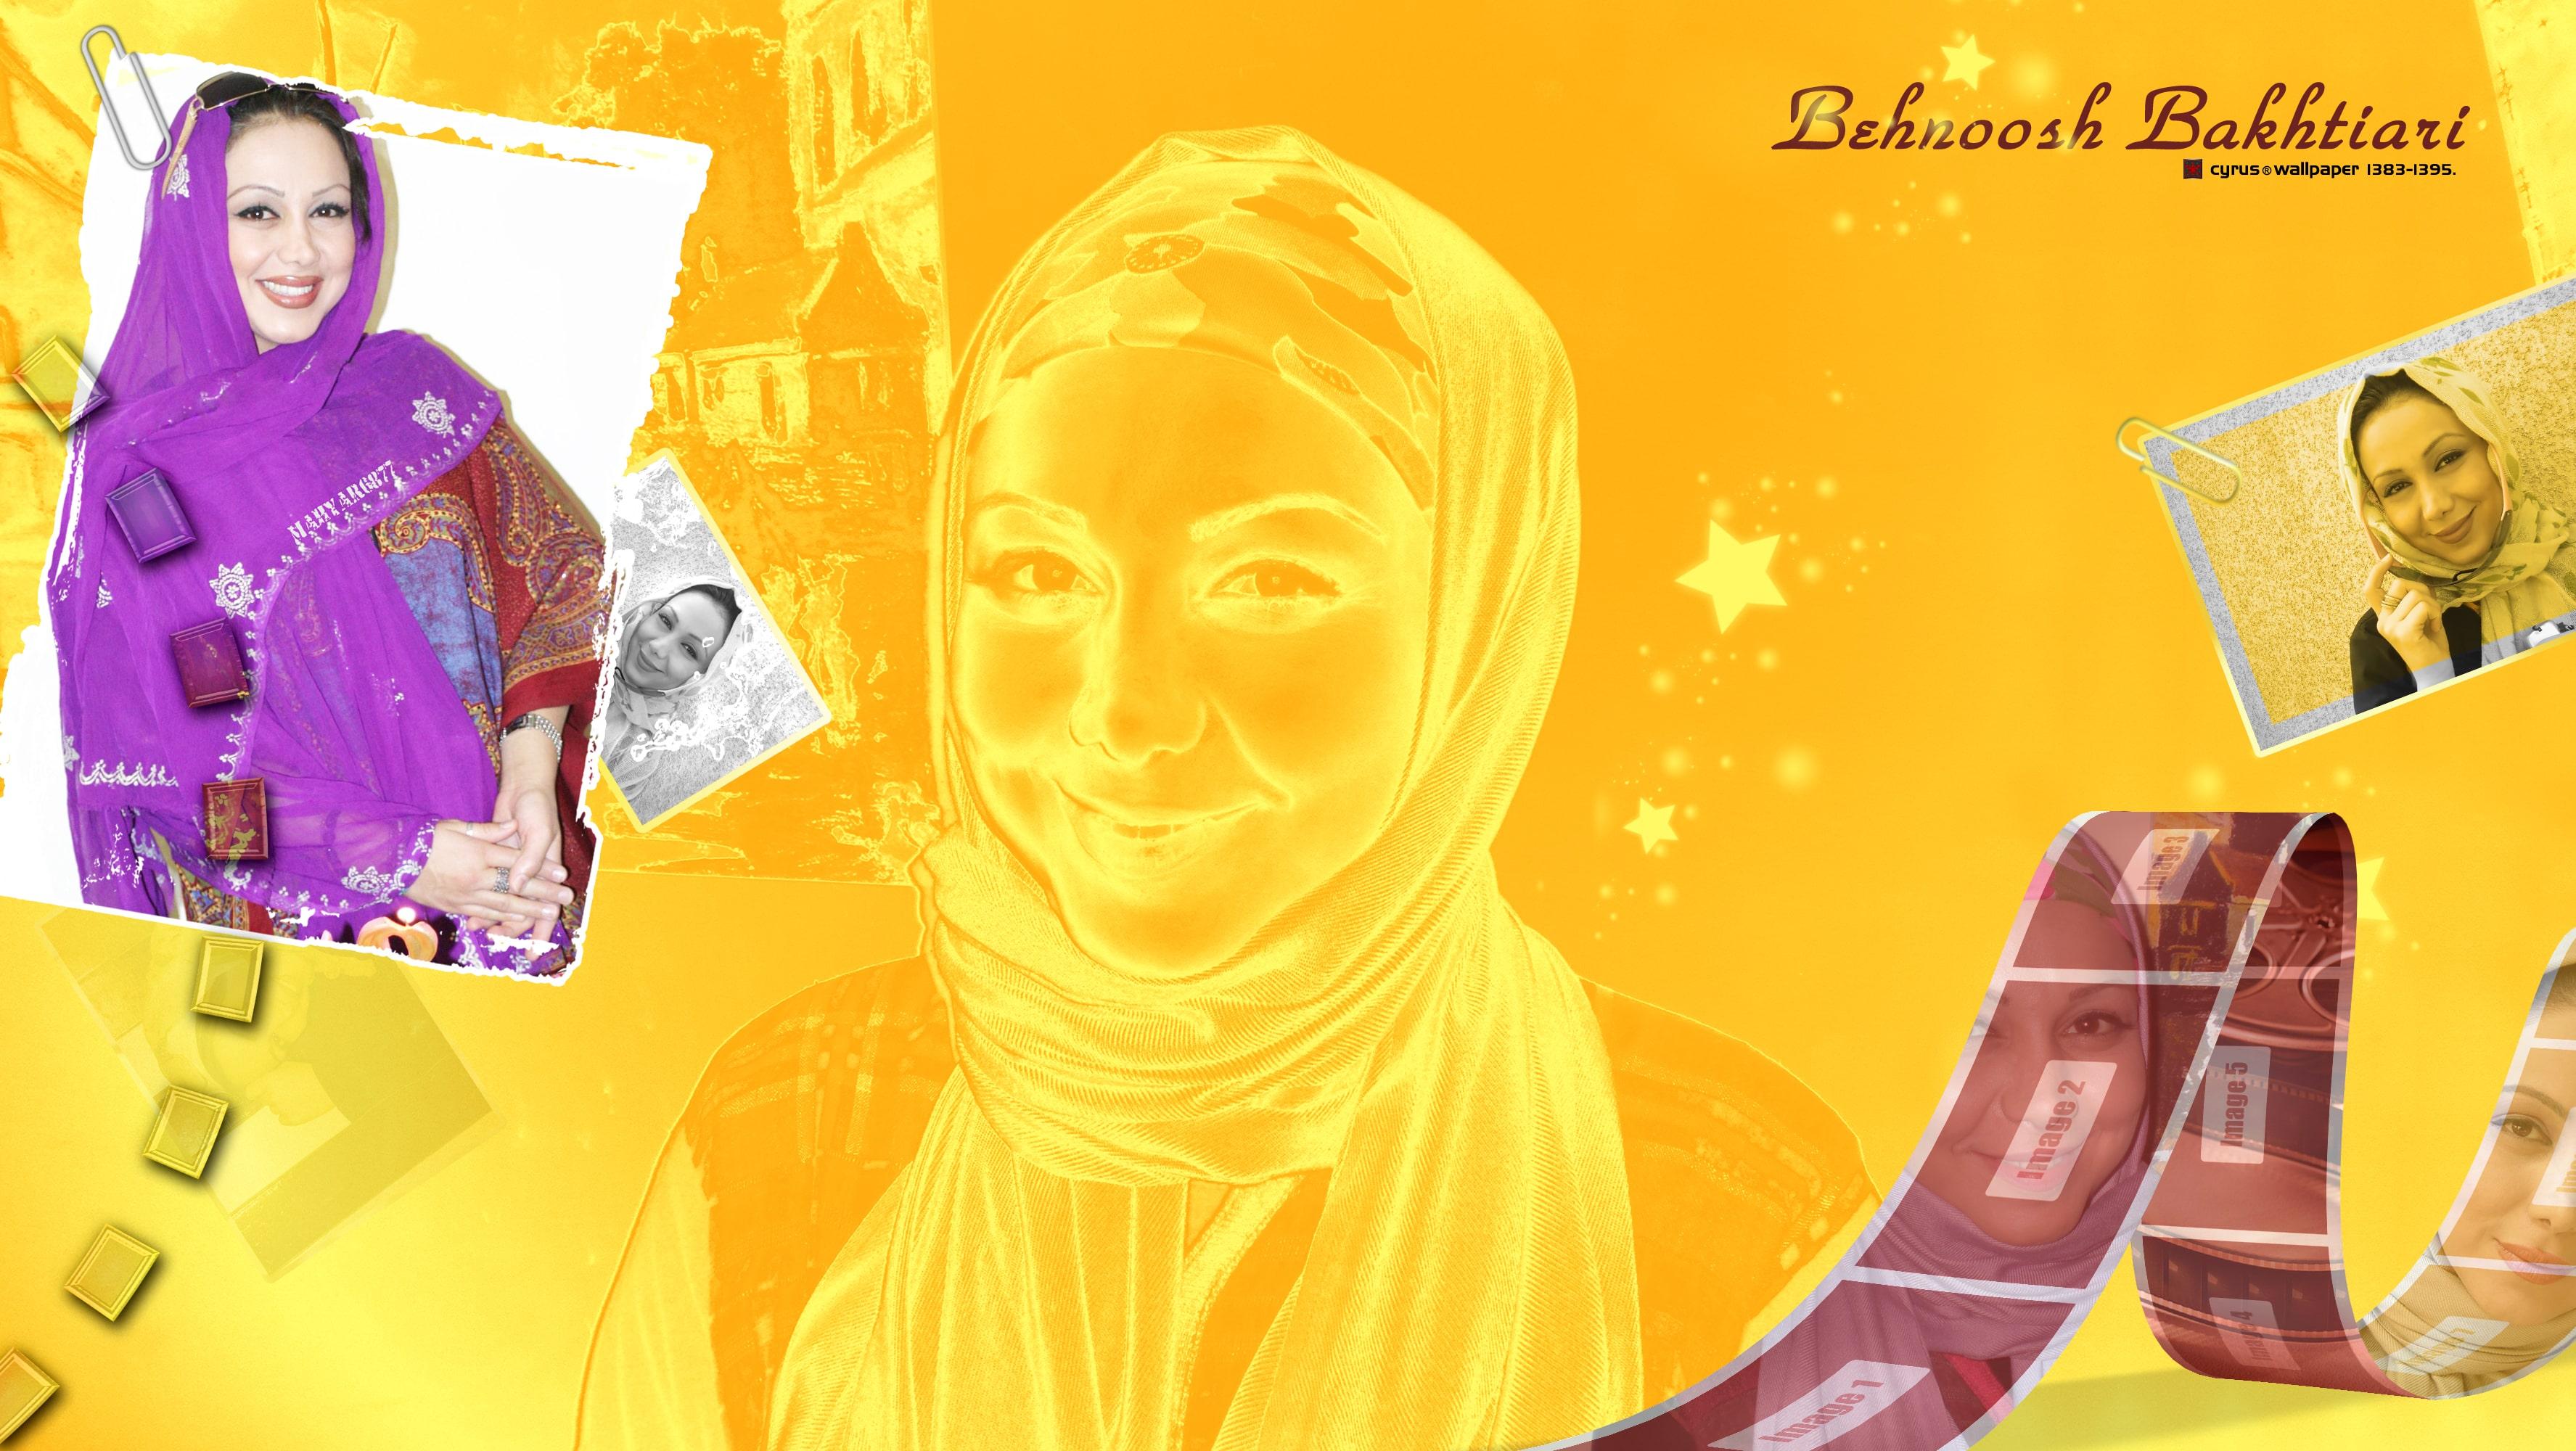 والپیپر بهنوش بختیاری بازیگر طنز سینمای ایران در قالبی طلایی